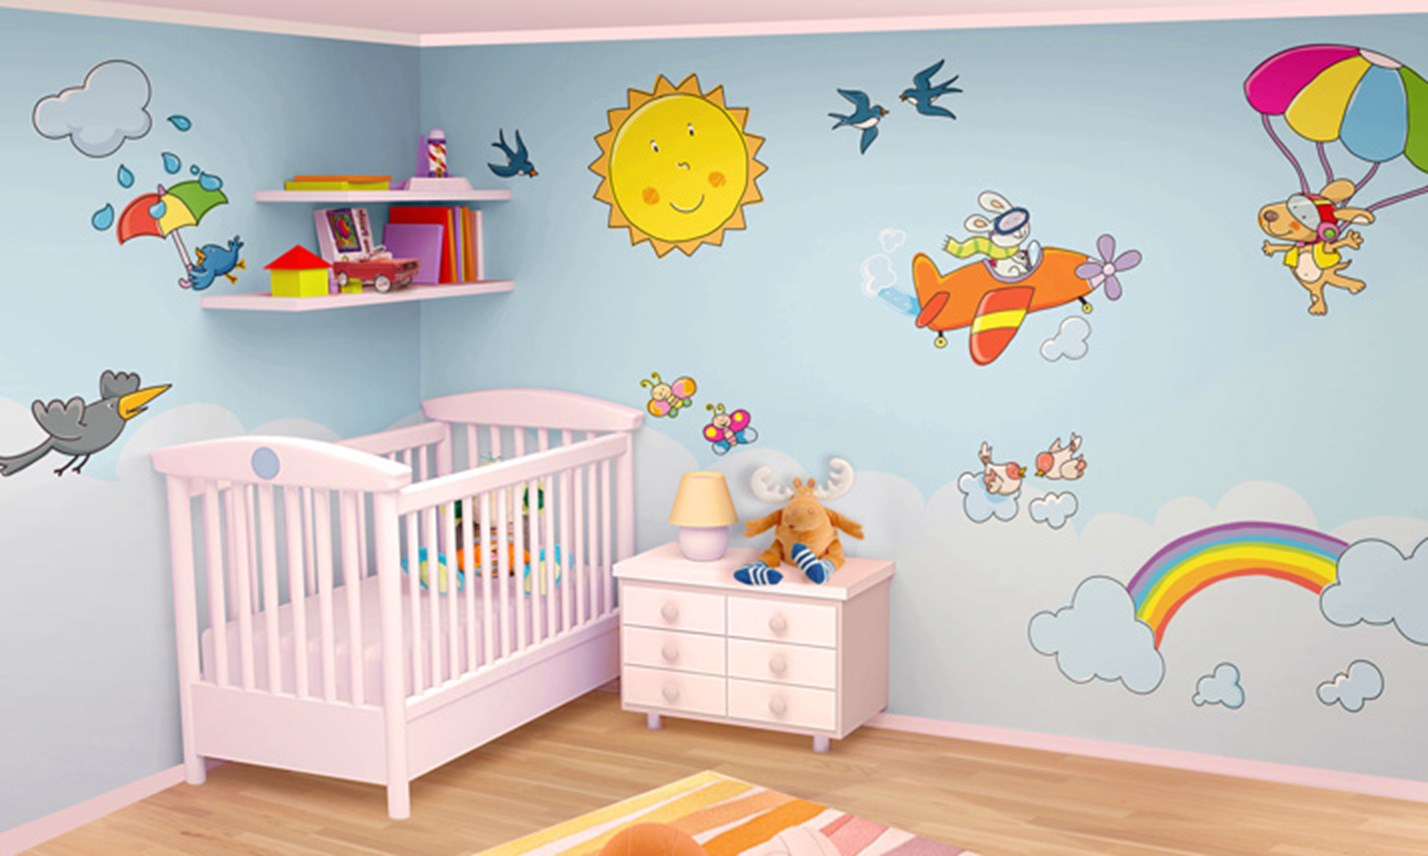 Decorazioni stanze bambini to24 regardsdefemmes for Idee pareti cameretta neonato